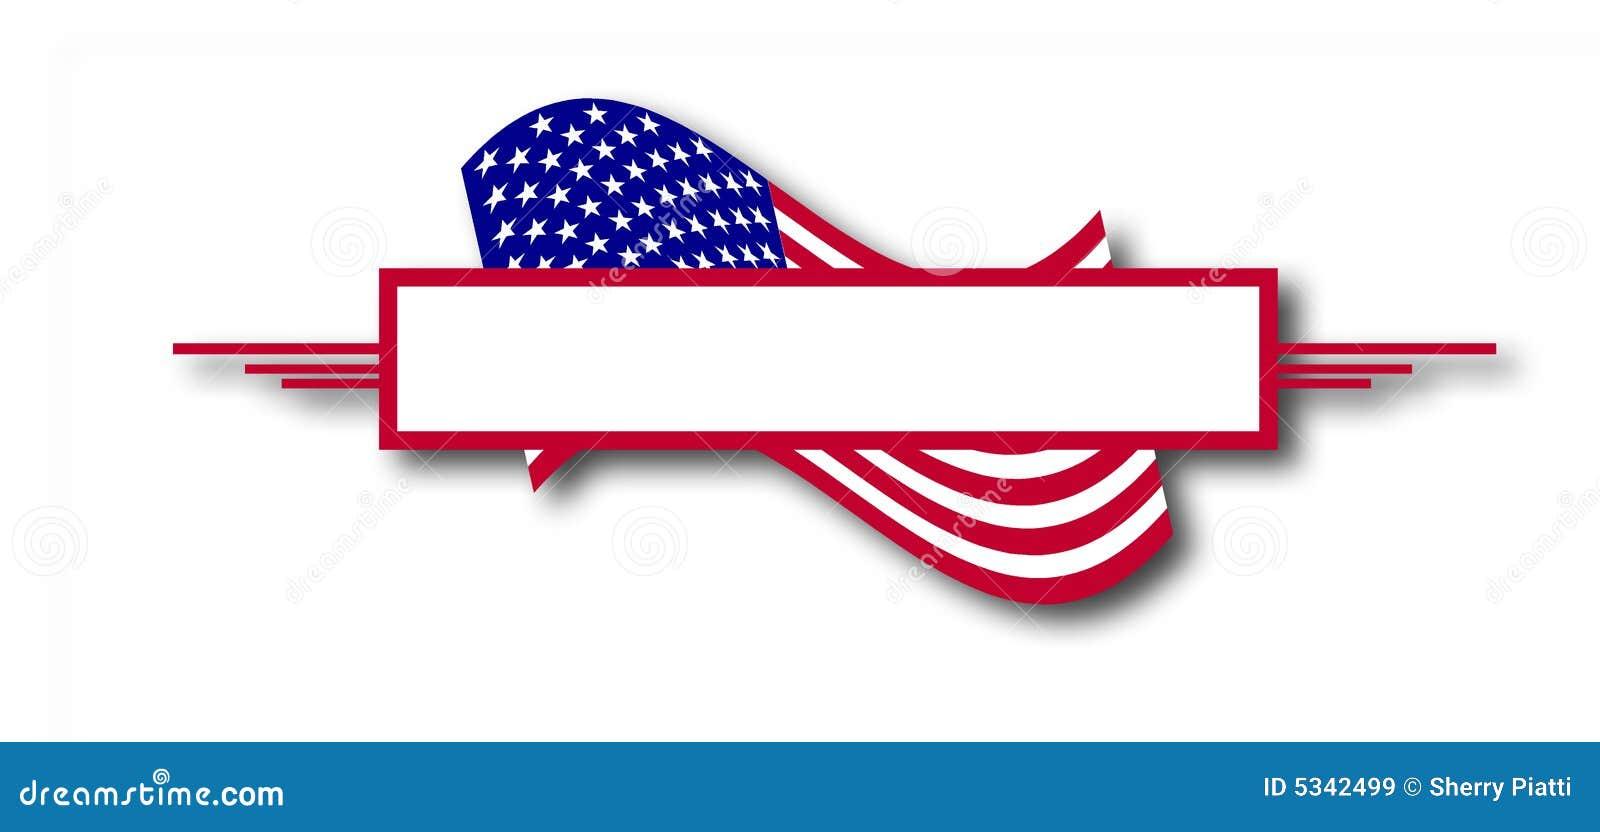 american flag banner stock illustration image of november